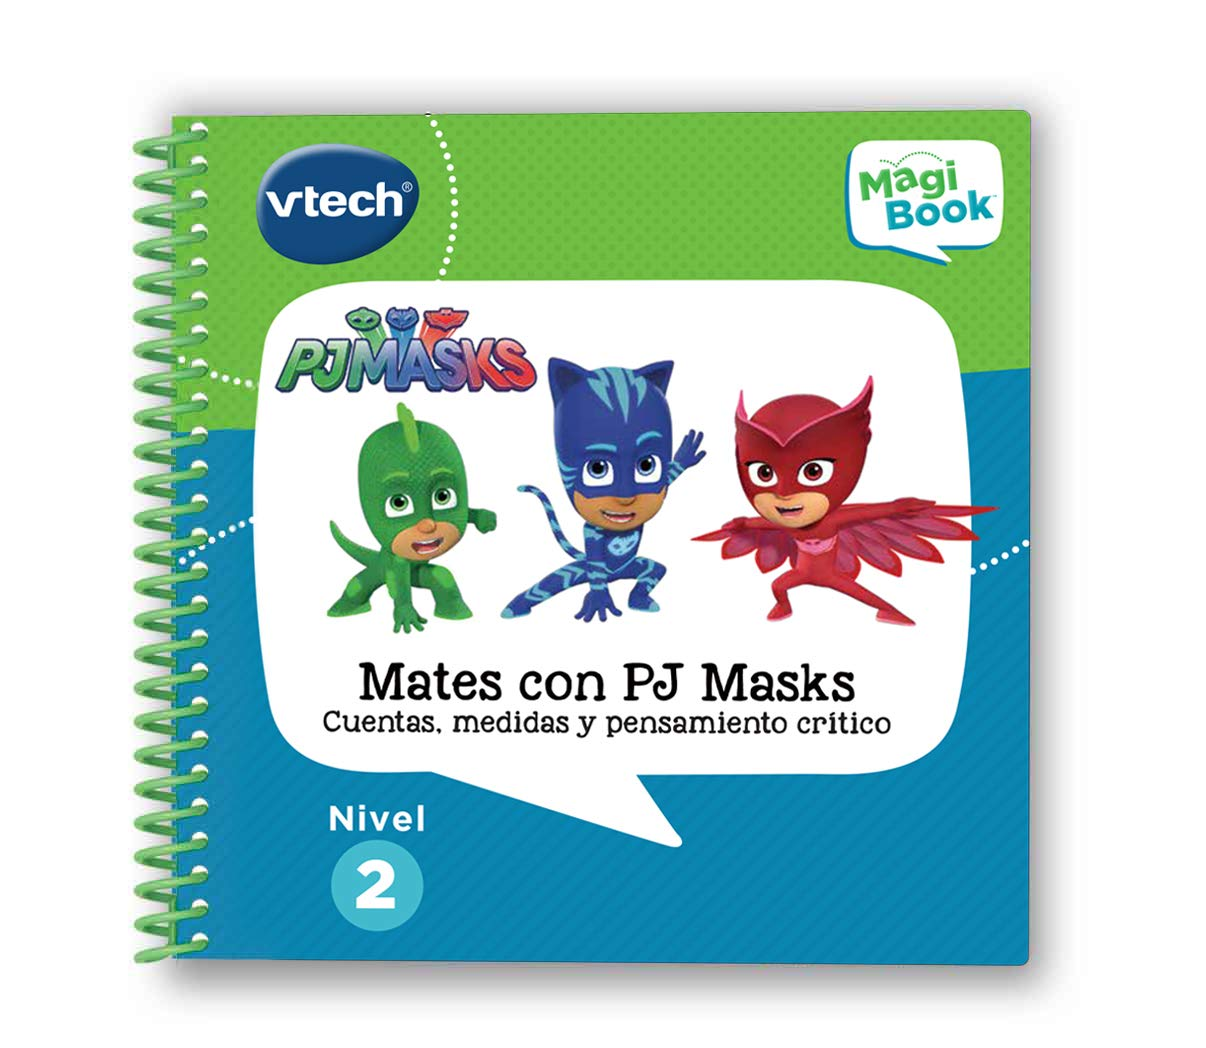 3480//–/480122 VTech/ /PJ Masks magibook Livre interactif /éducatif Qui renforce lapprentissage en diff/érentes mati/ères /à Travers de Plus de 40/activit/és et 4200/Interaction